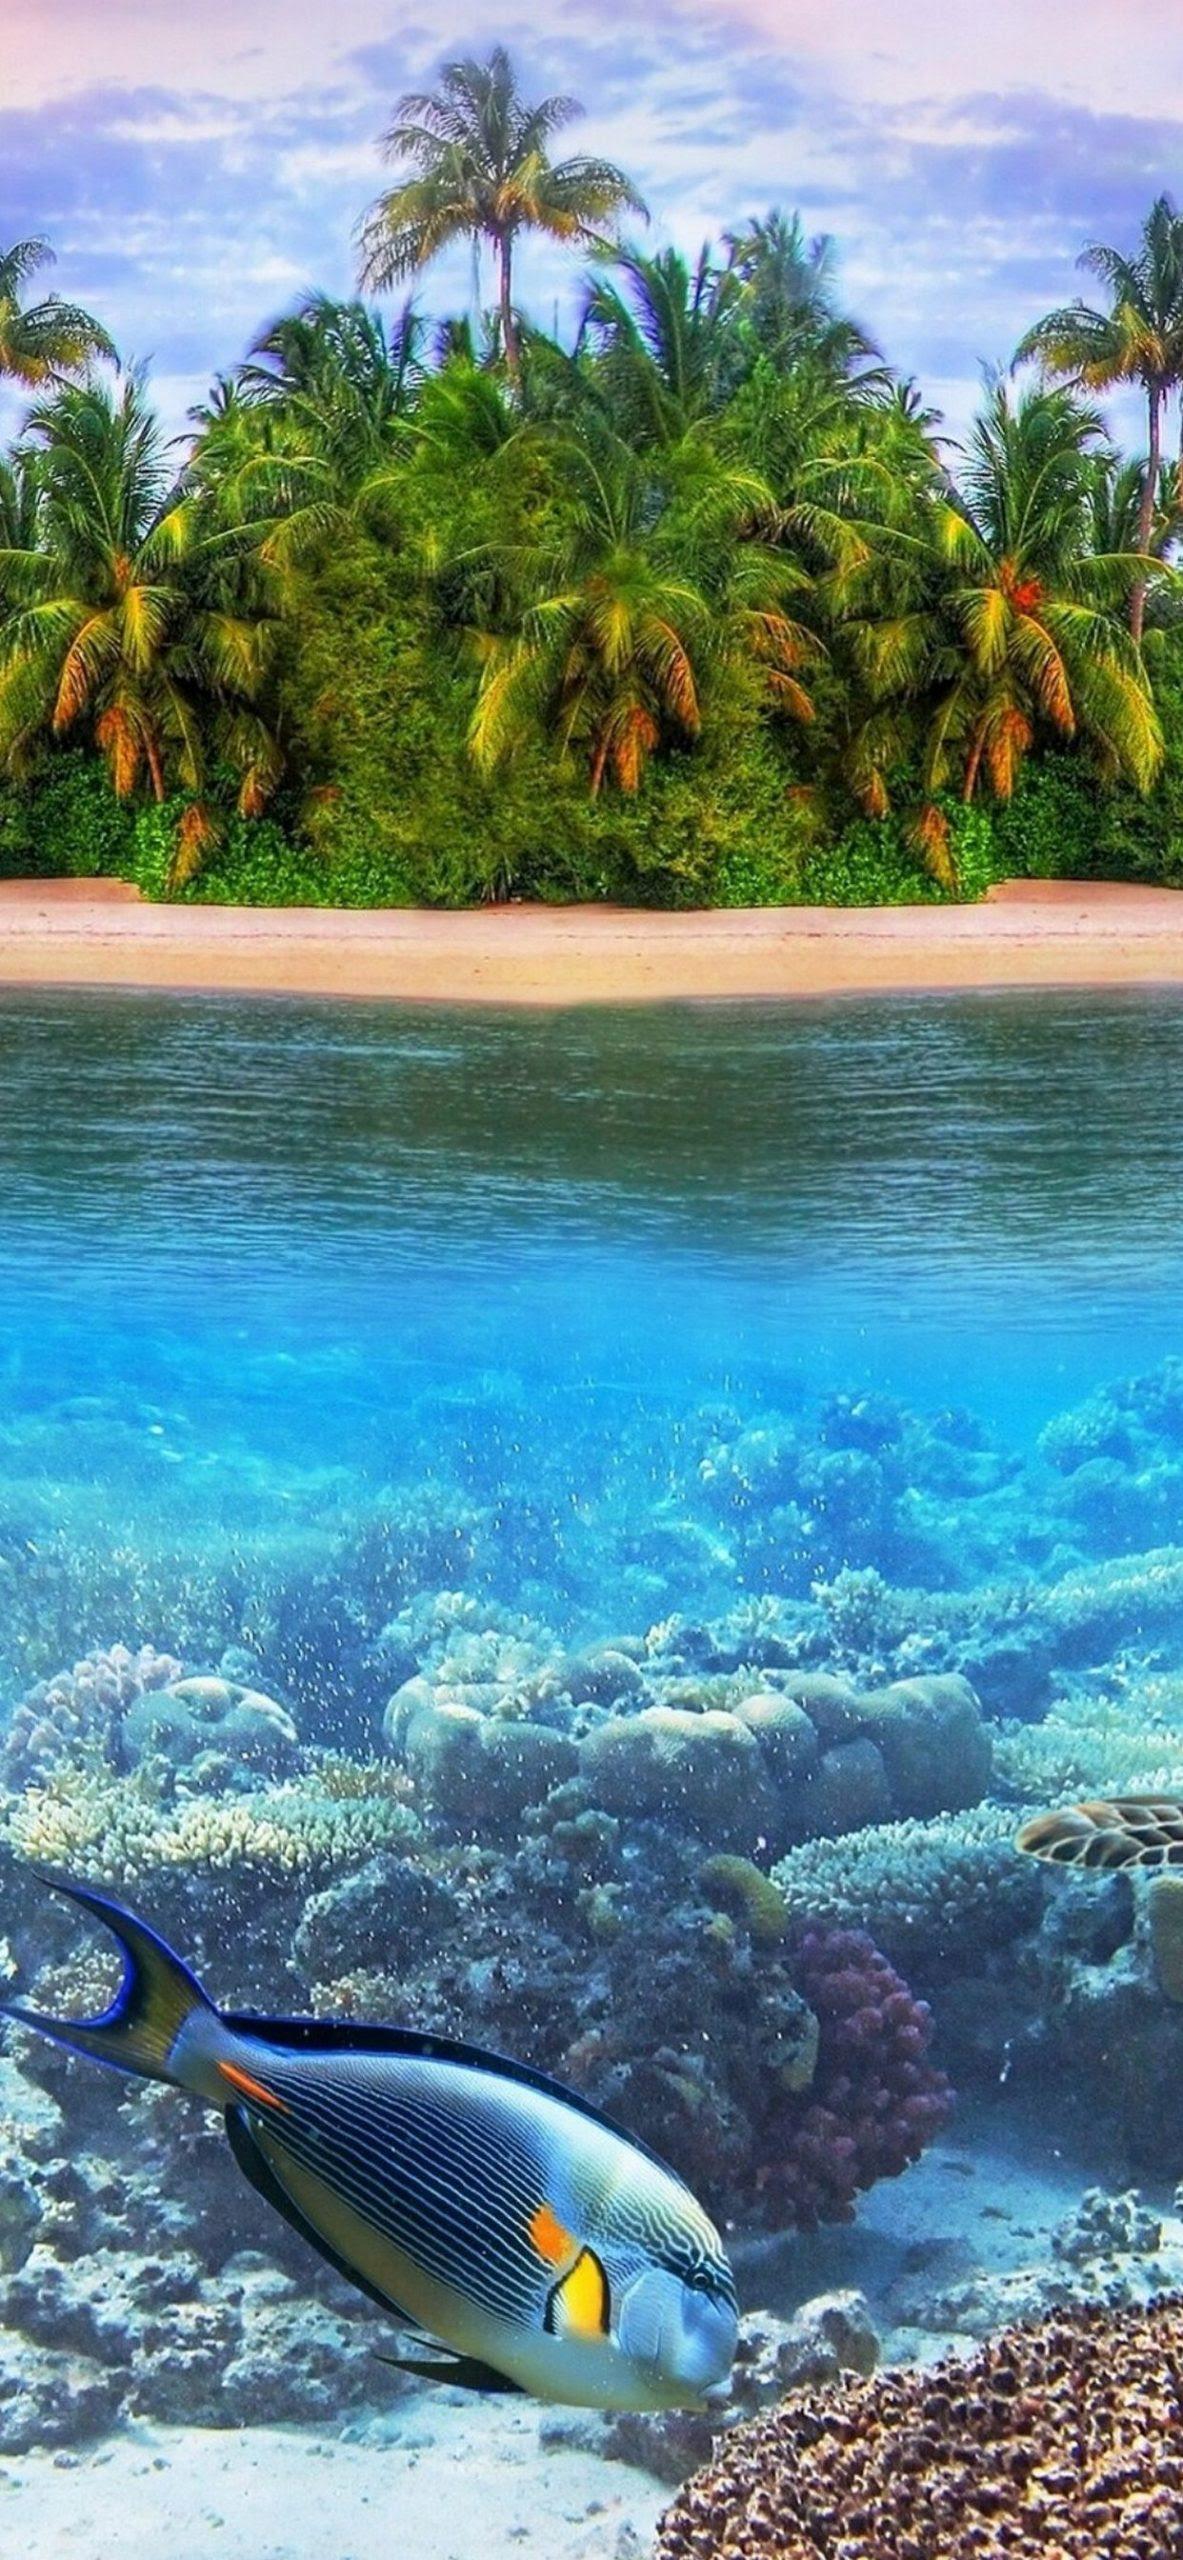 熱帯海のパラダイス島iphone Xs Max自然壁紙 1242 2688 Iphoneチーズ